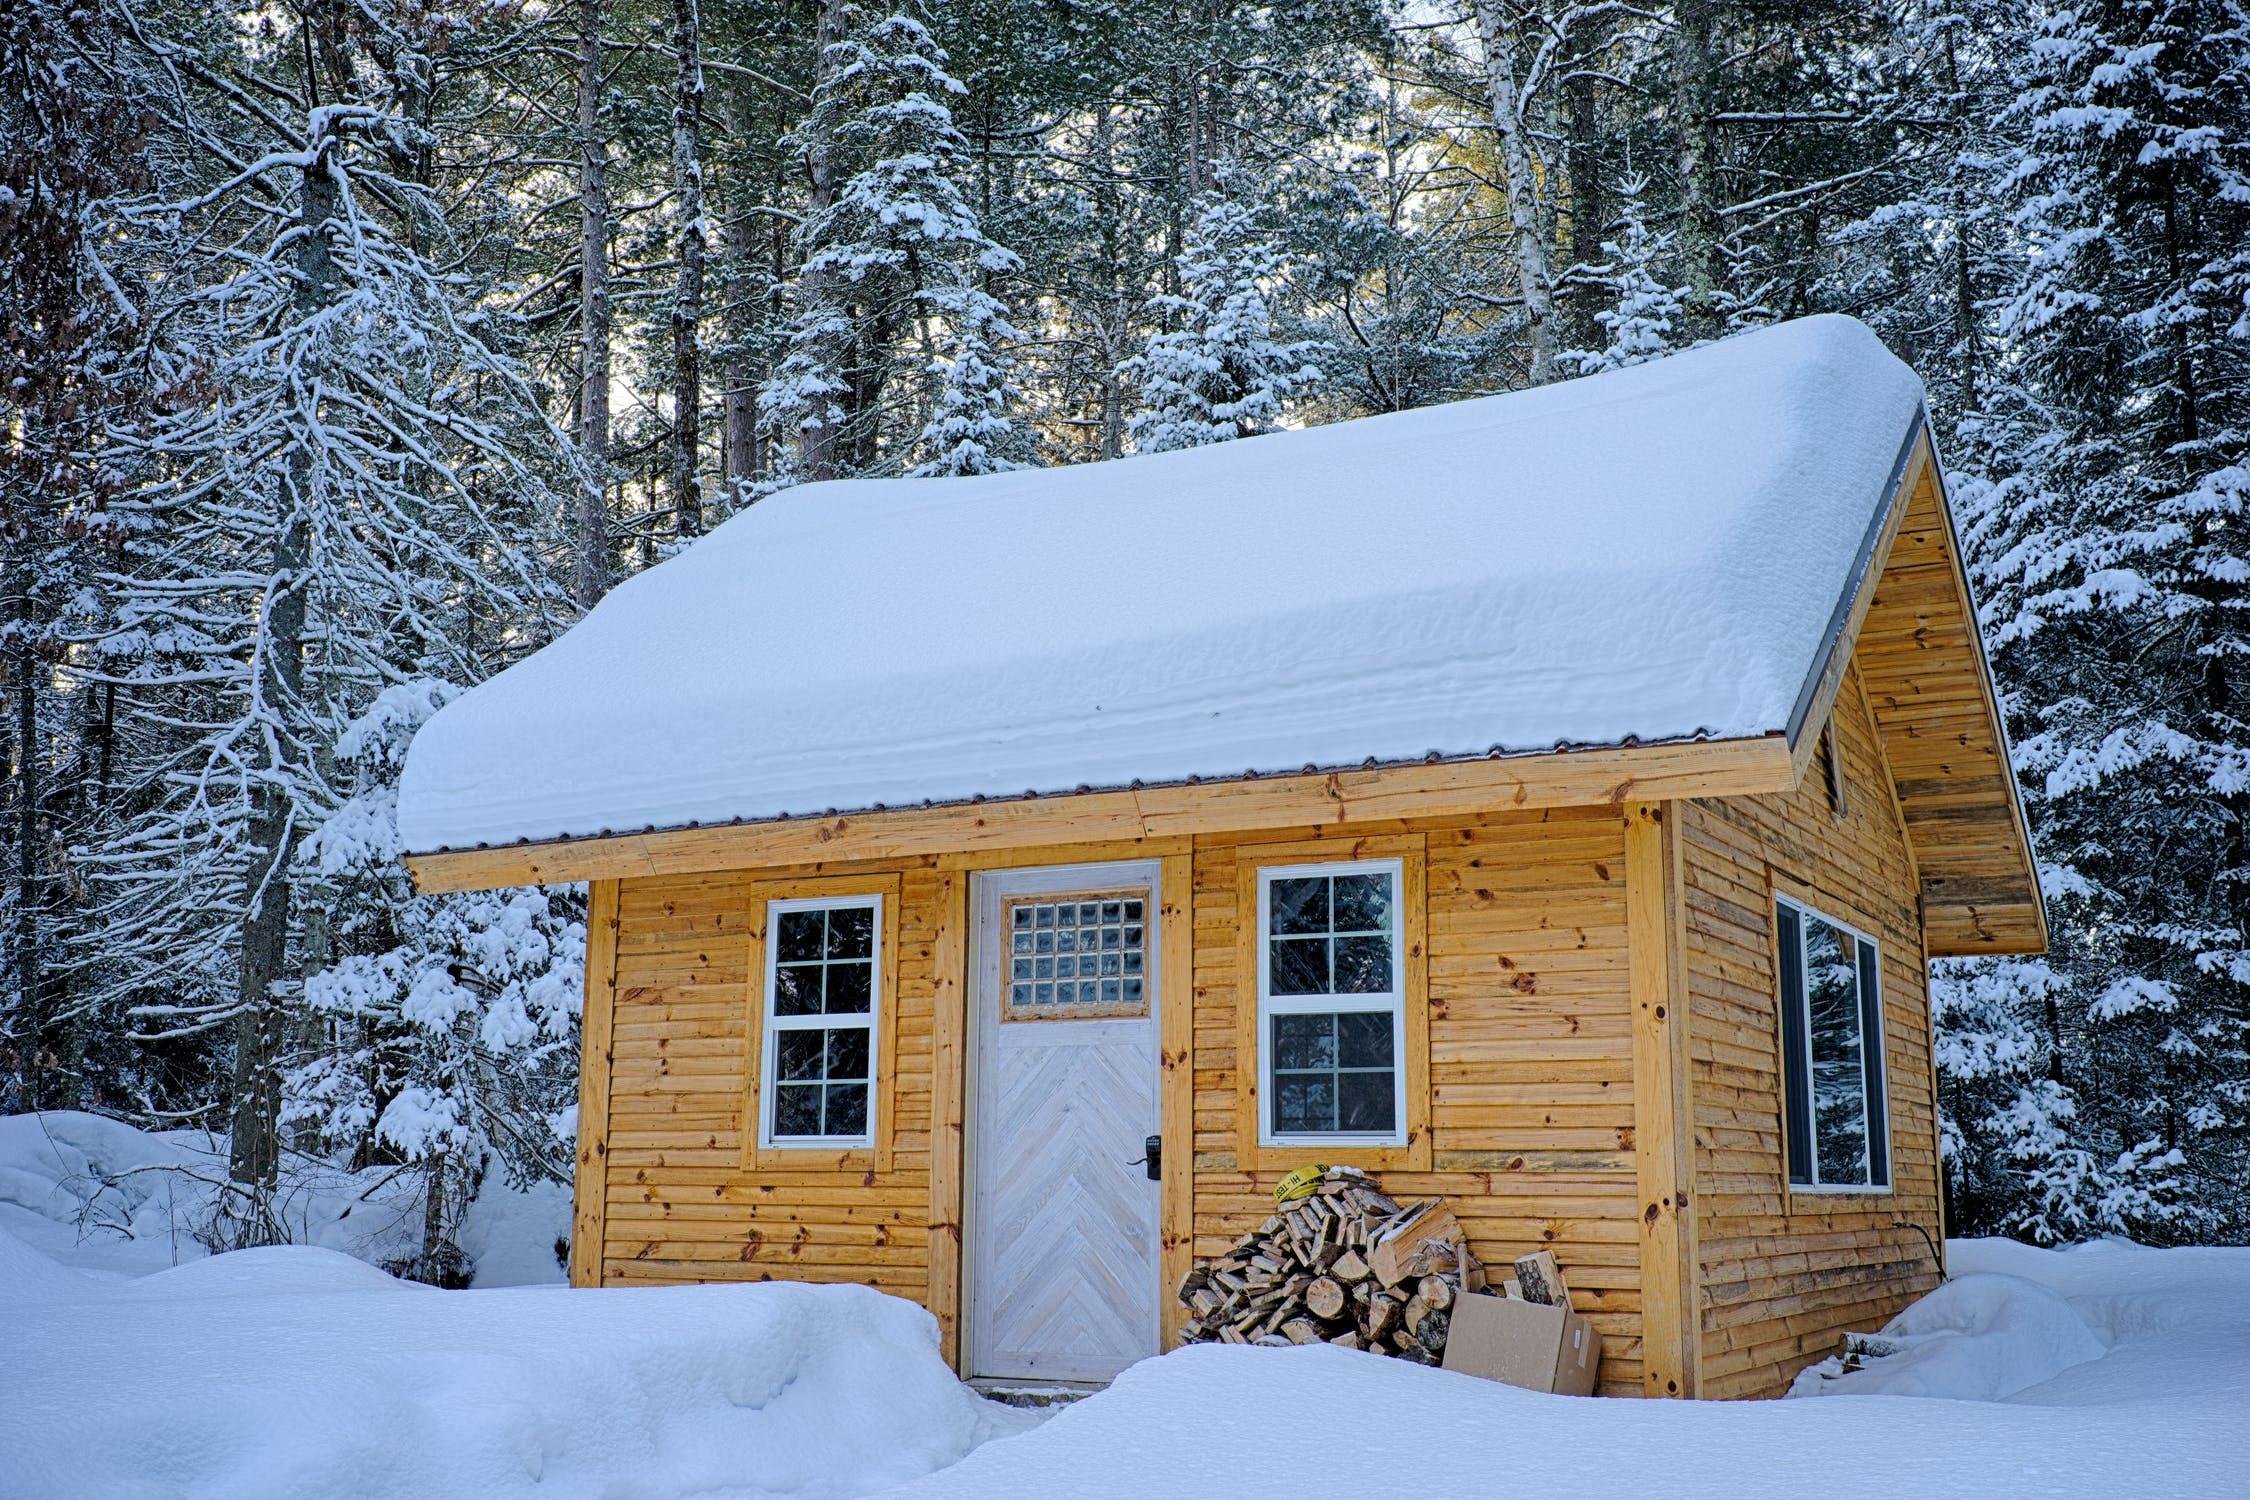 Wat zijn de voordelen van een mooie blokhut in je achtertuin?